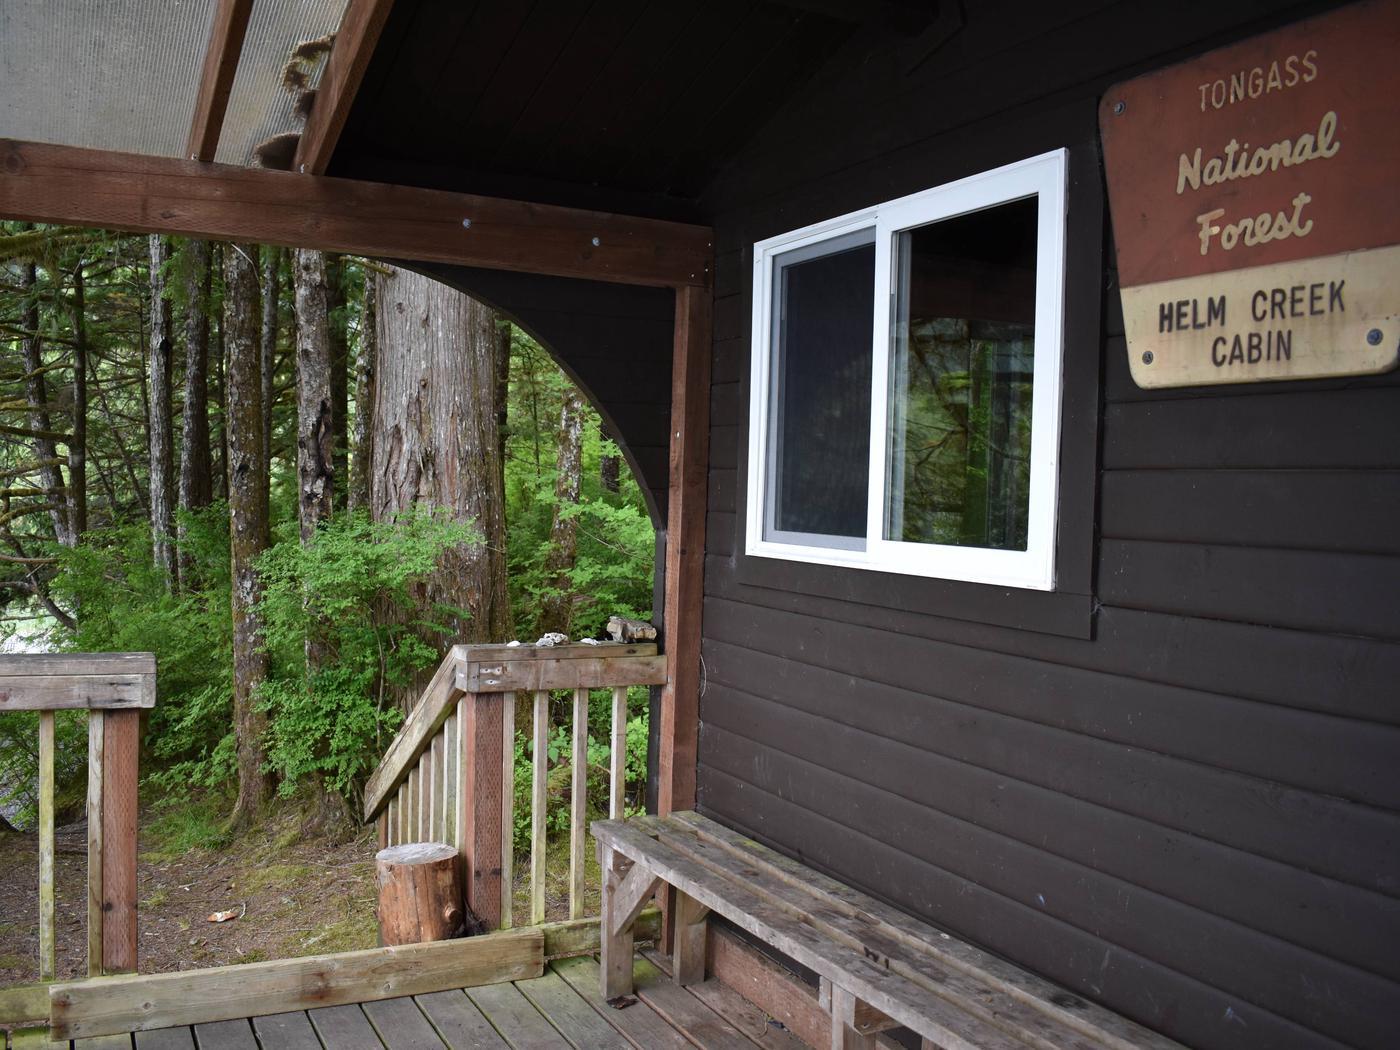 Helm Creek Cabin Front